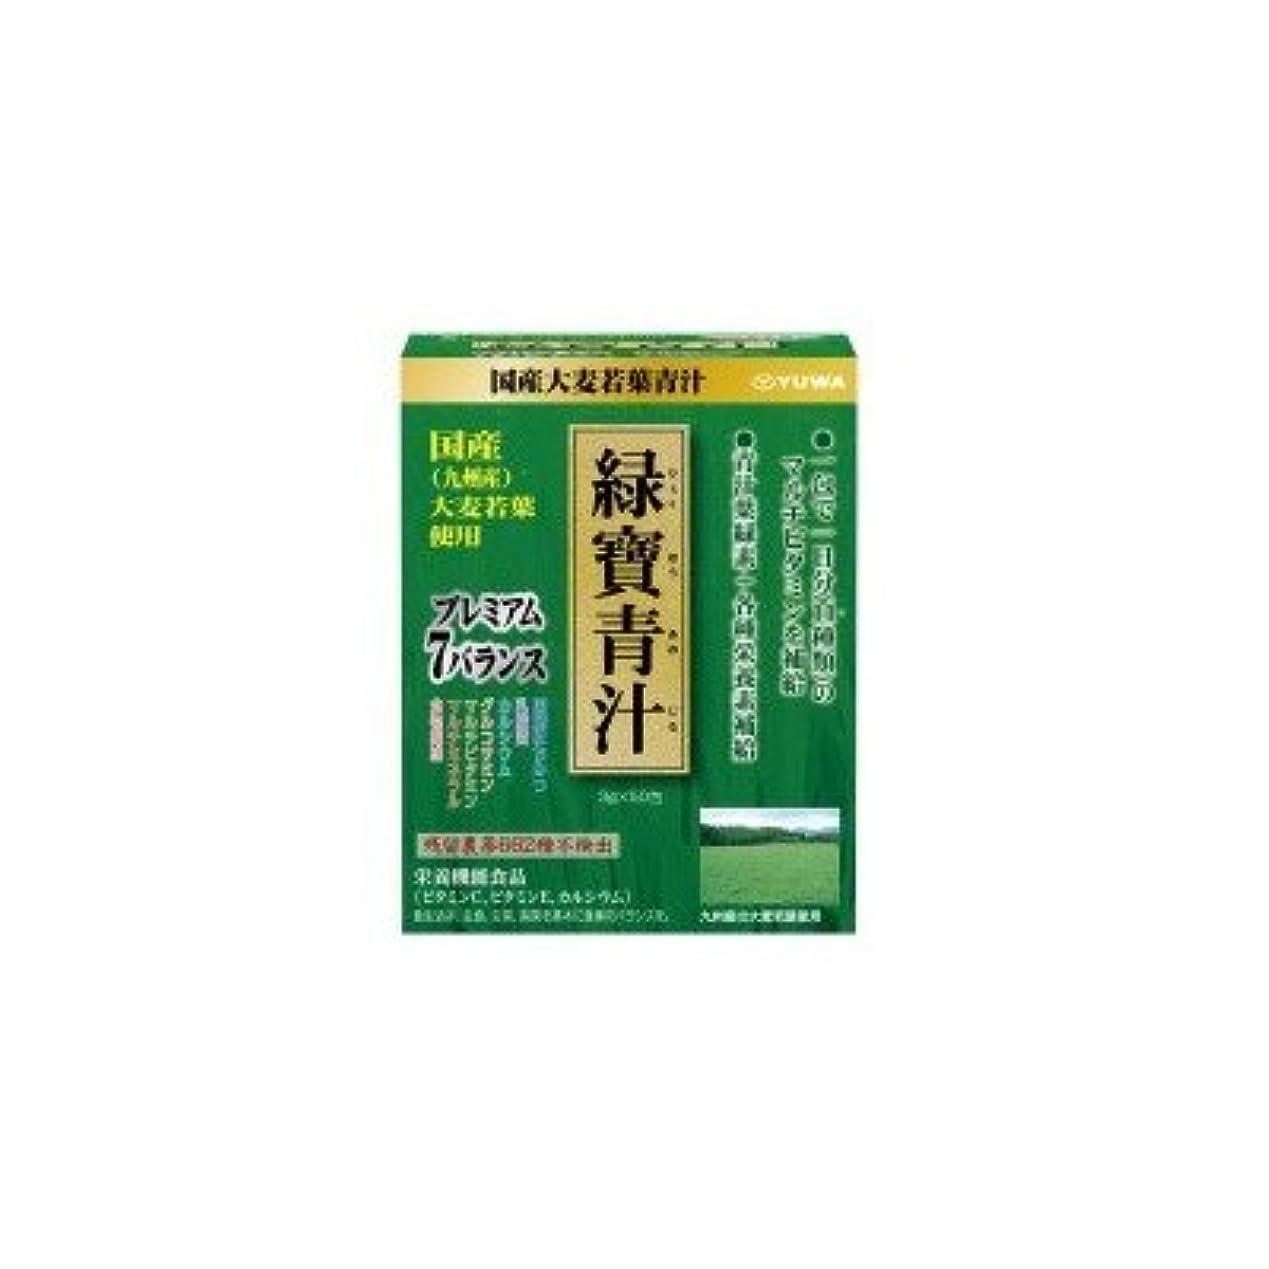 修理工選ぶ足首ユーワ 九州産大麦若葉使用 緑寶青汁 150g(3g×50包) 2865